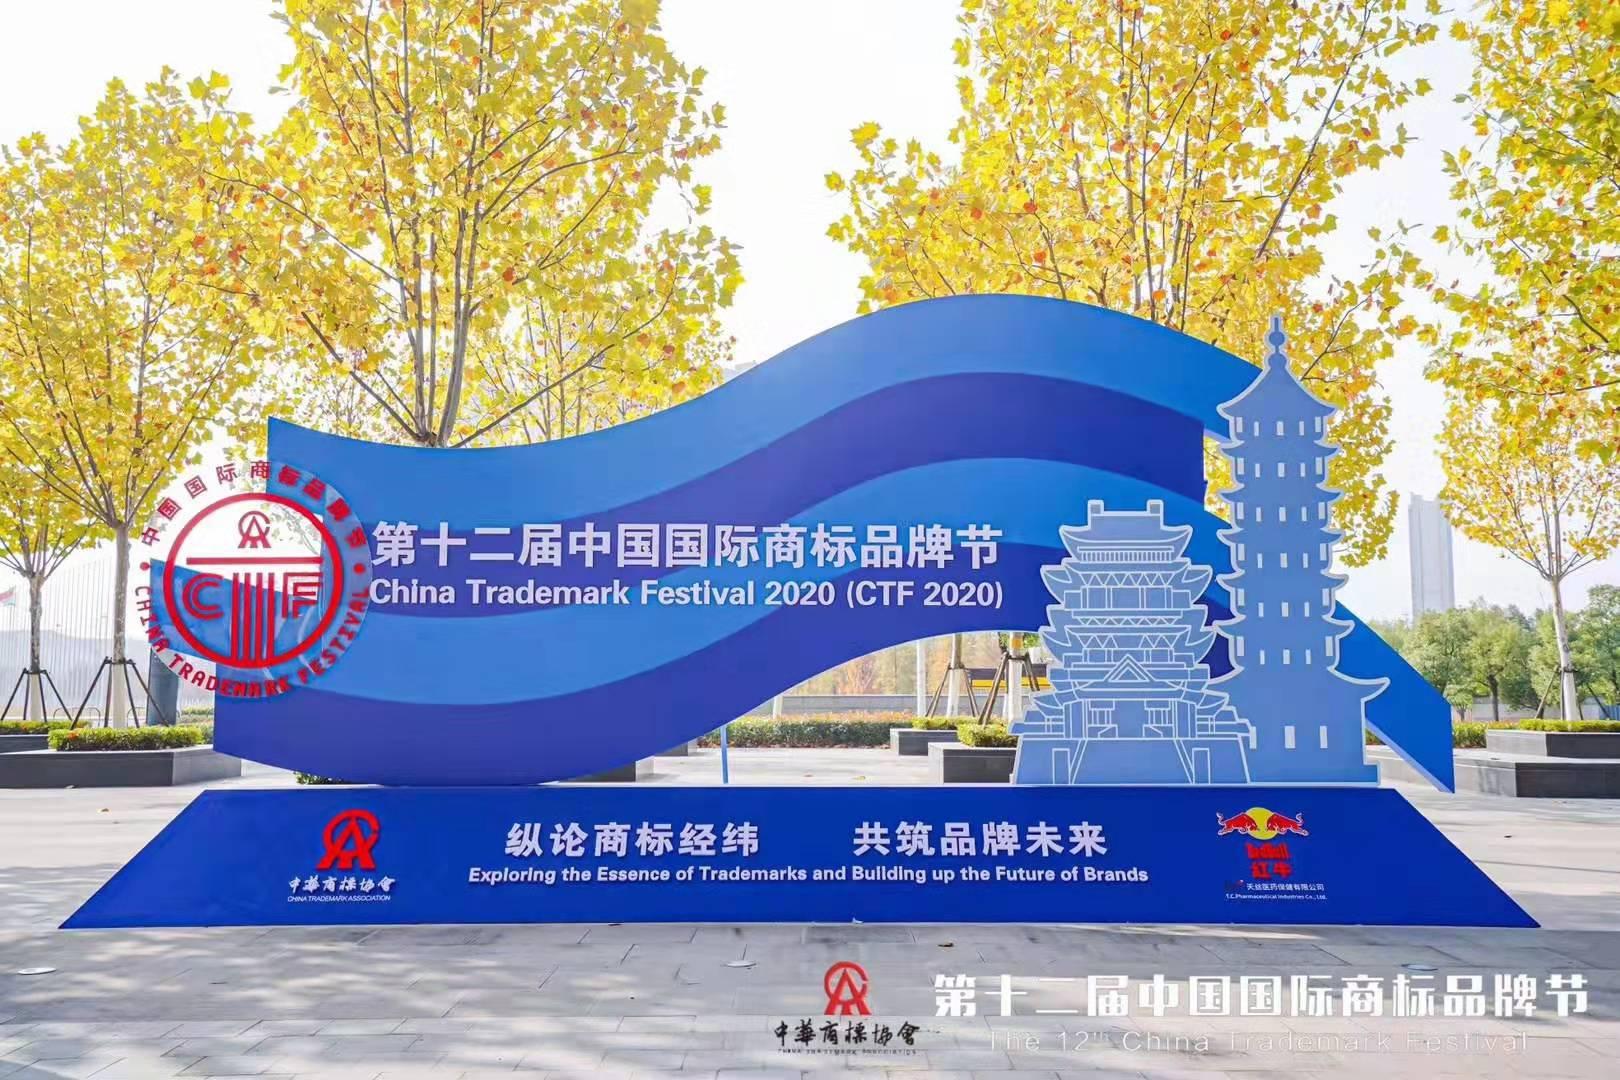 2020年中国国际商标品牌节天策再获殊荣